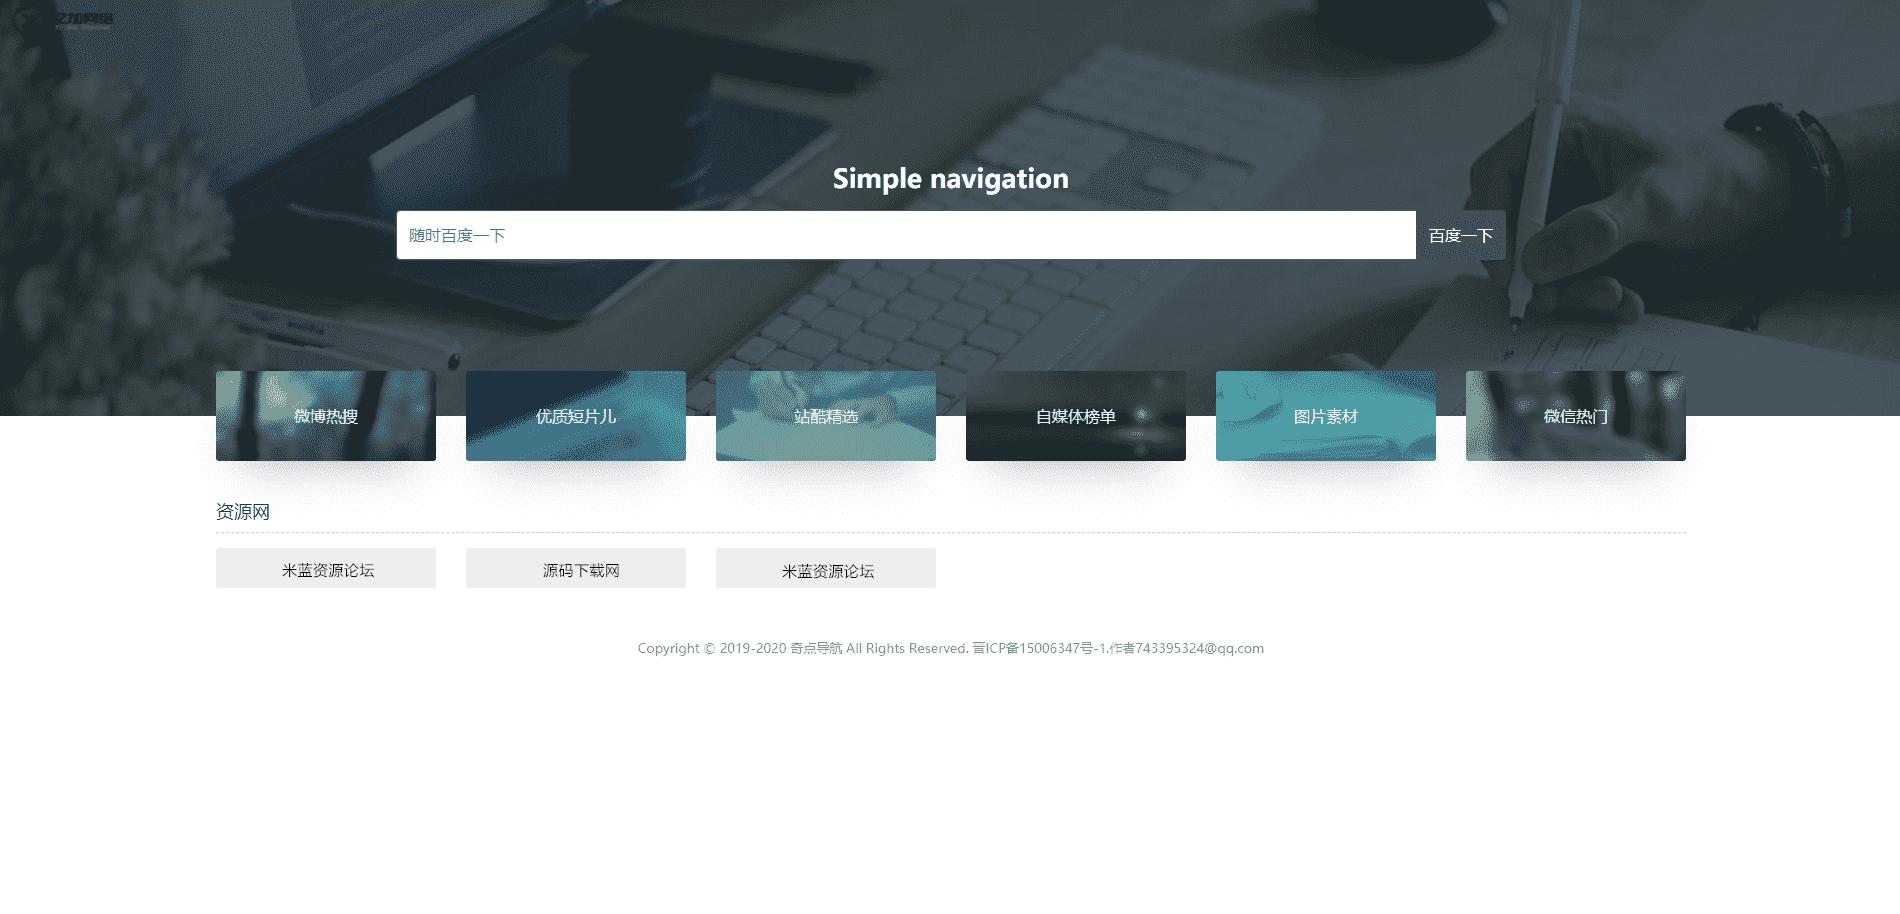 非常好看且简约的导航网站源码 带后台管理功能